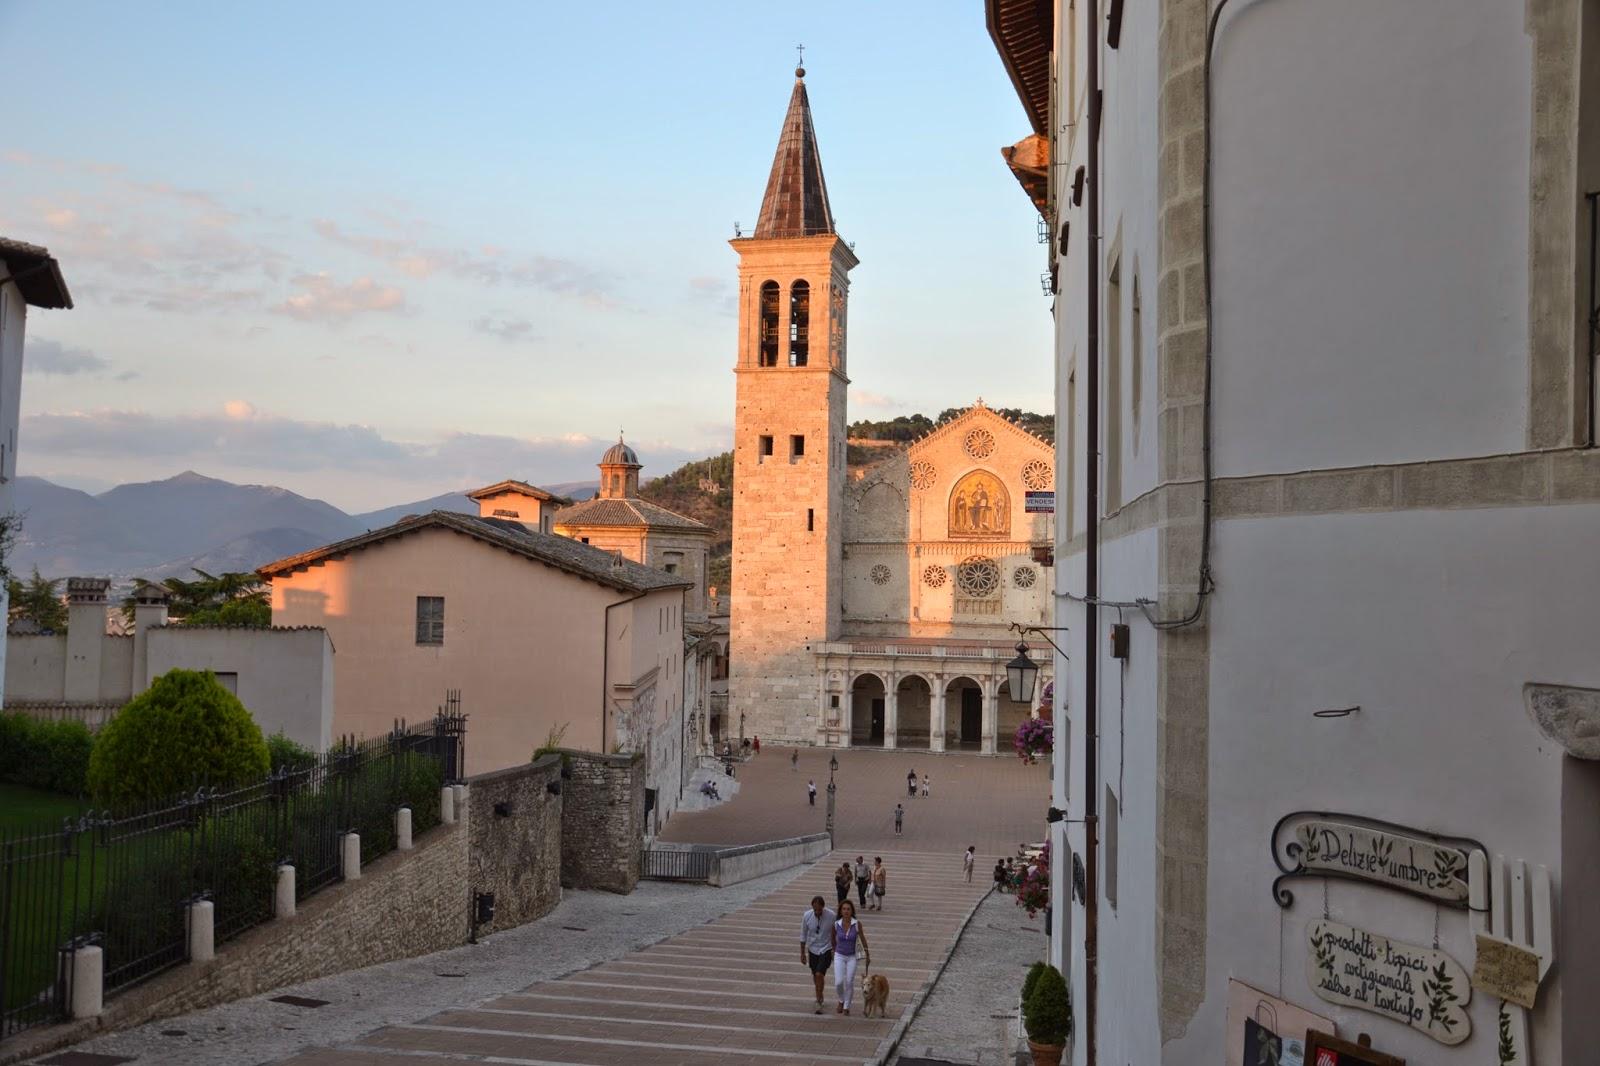 Duomo spoleto - duome